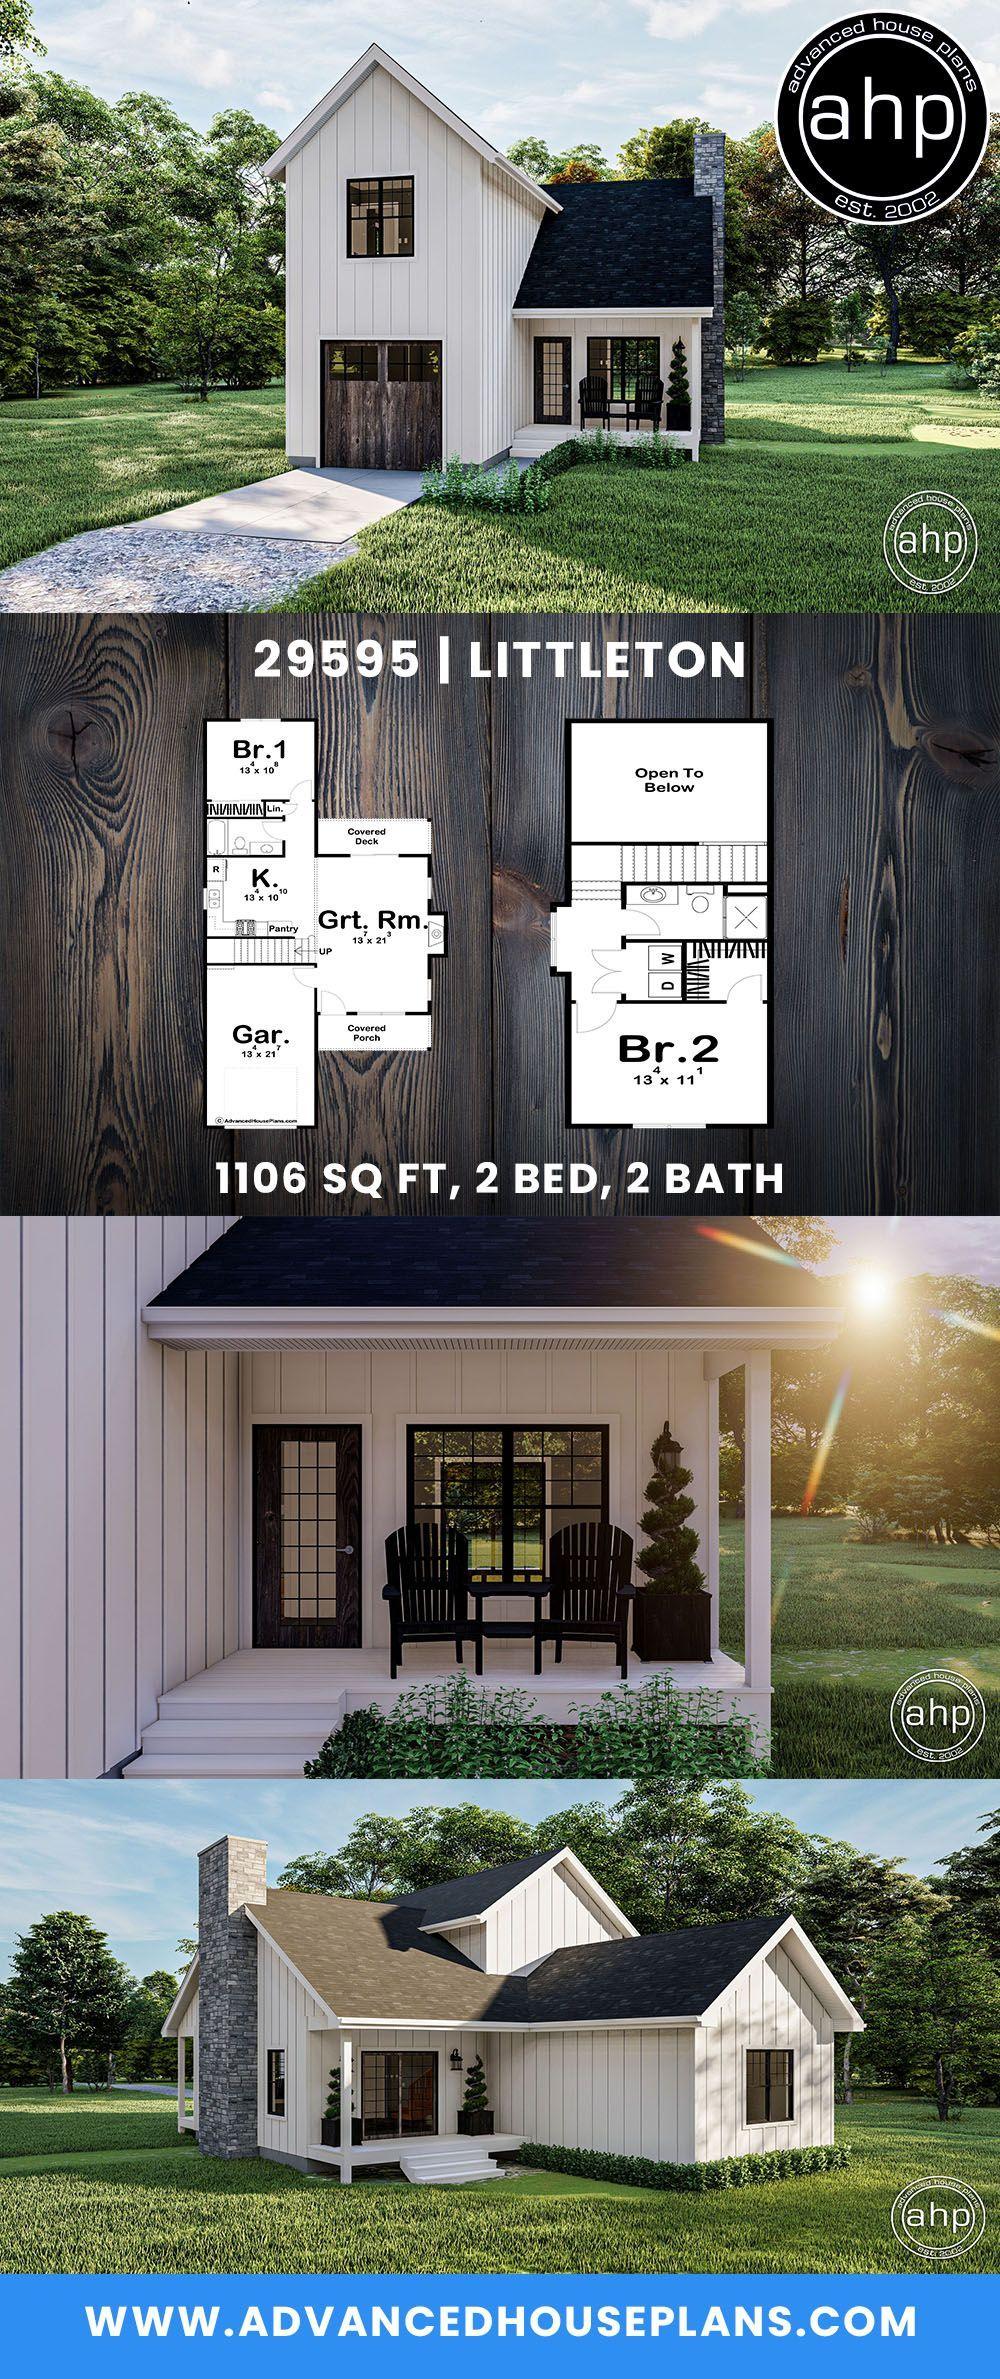 Adorable Small Modern Farmhouse Contemporary Architecture Contemporary Architecture Modern Architec In 2020 Small Cottage House Plans Small House Design Modern Farmhouse Plans